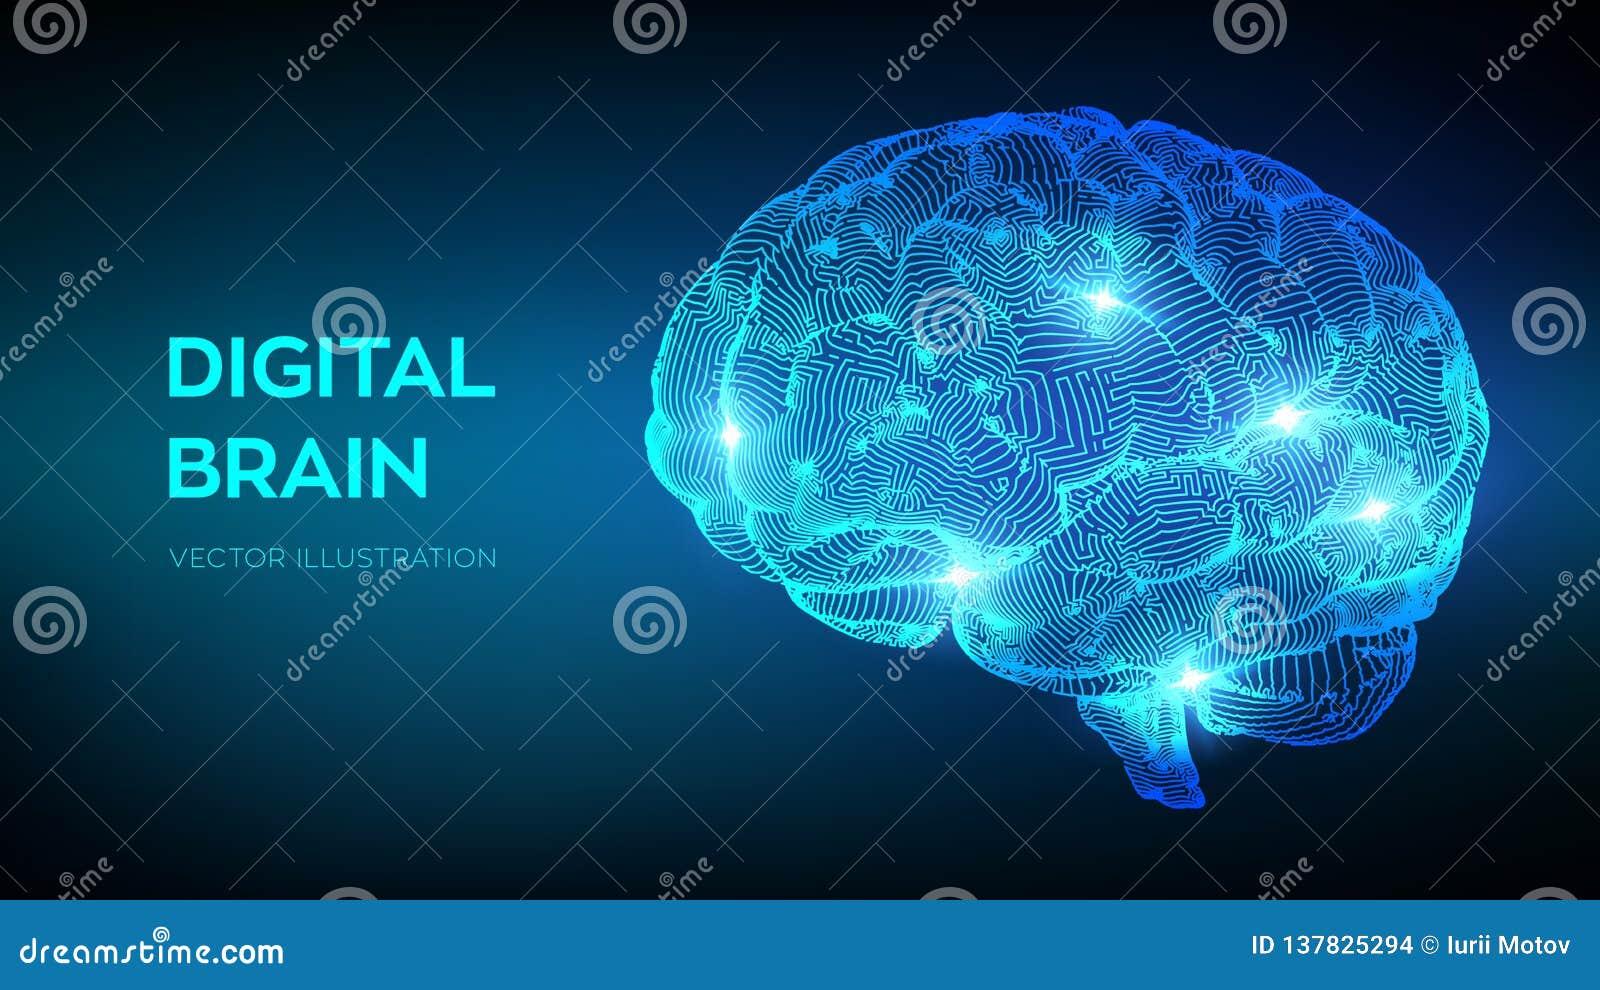 Bragg Мозг цифров концепция науки и техники 3D сеть нервная Испытание IQ, эмулирование искусственного интеллекта виртуальное